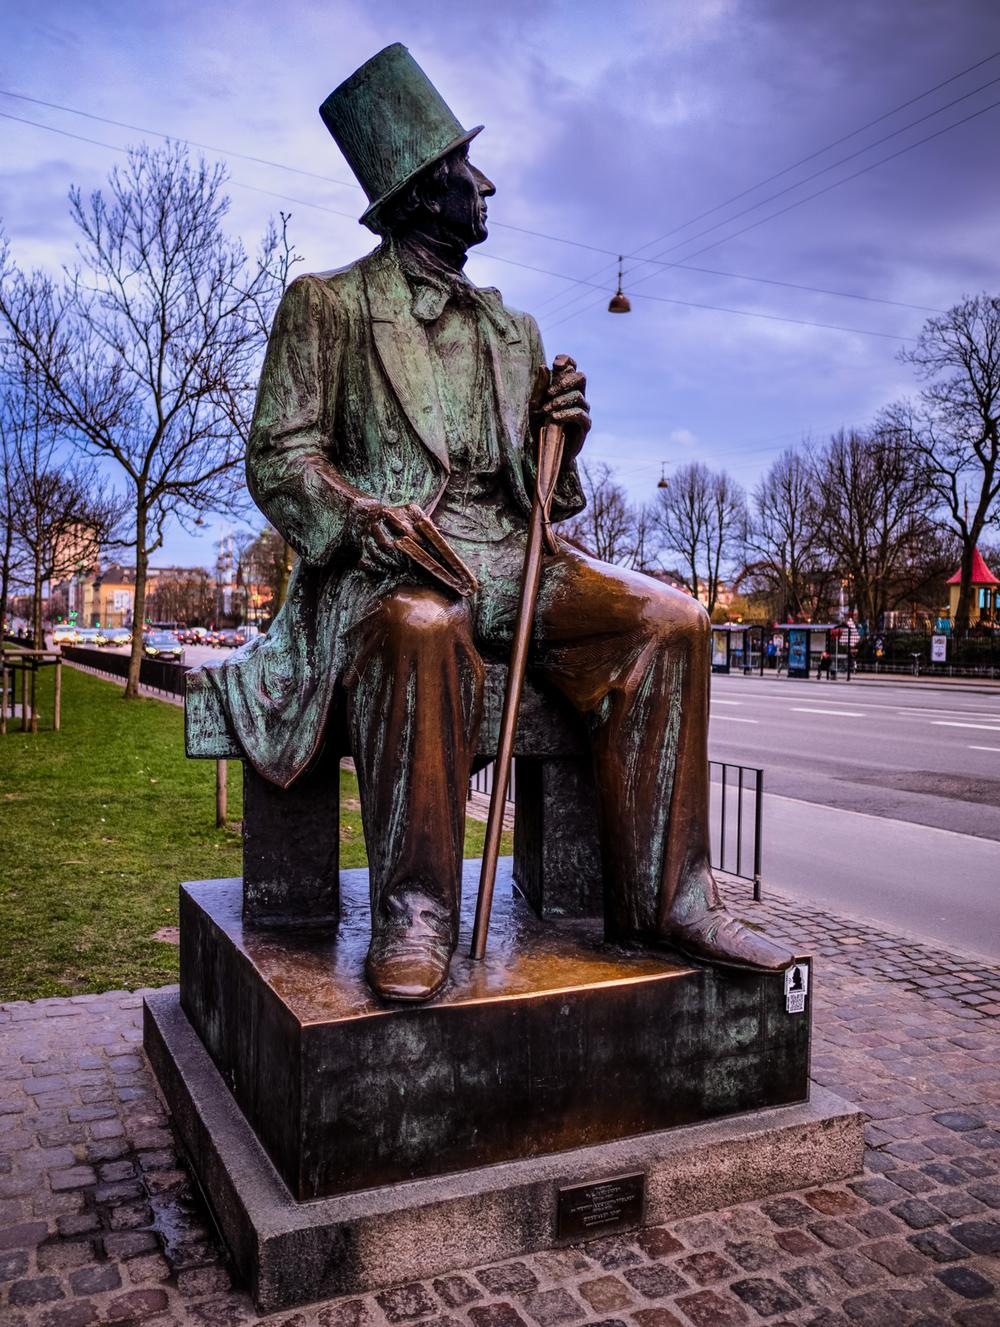 hans christian andersen statue near tivoli gardens